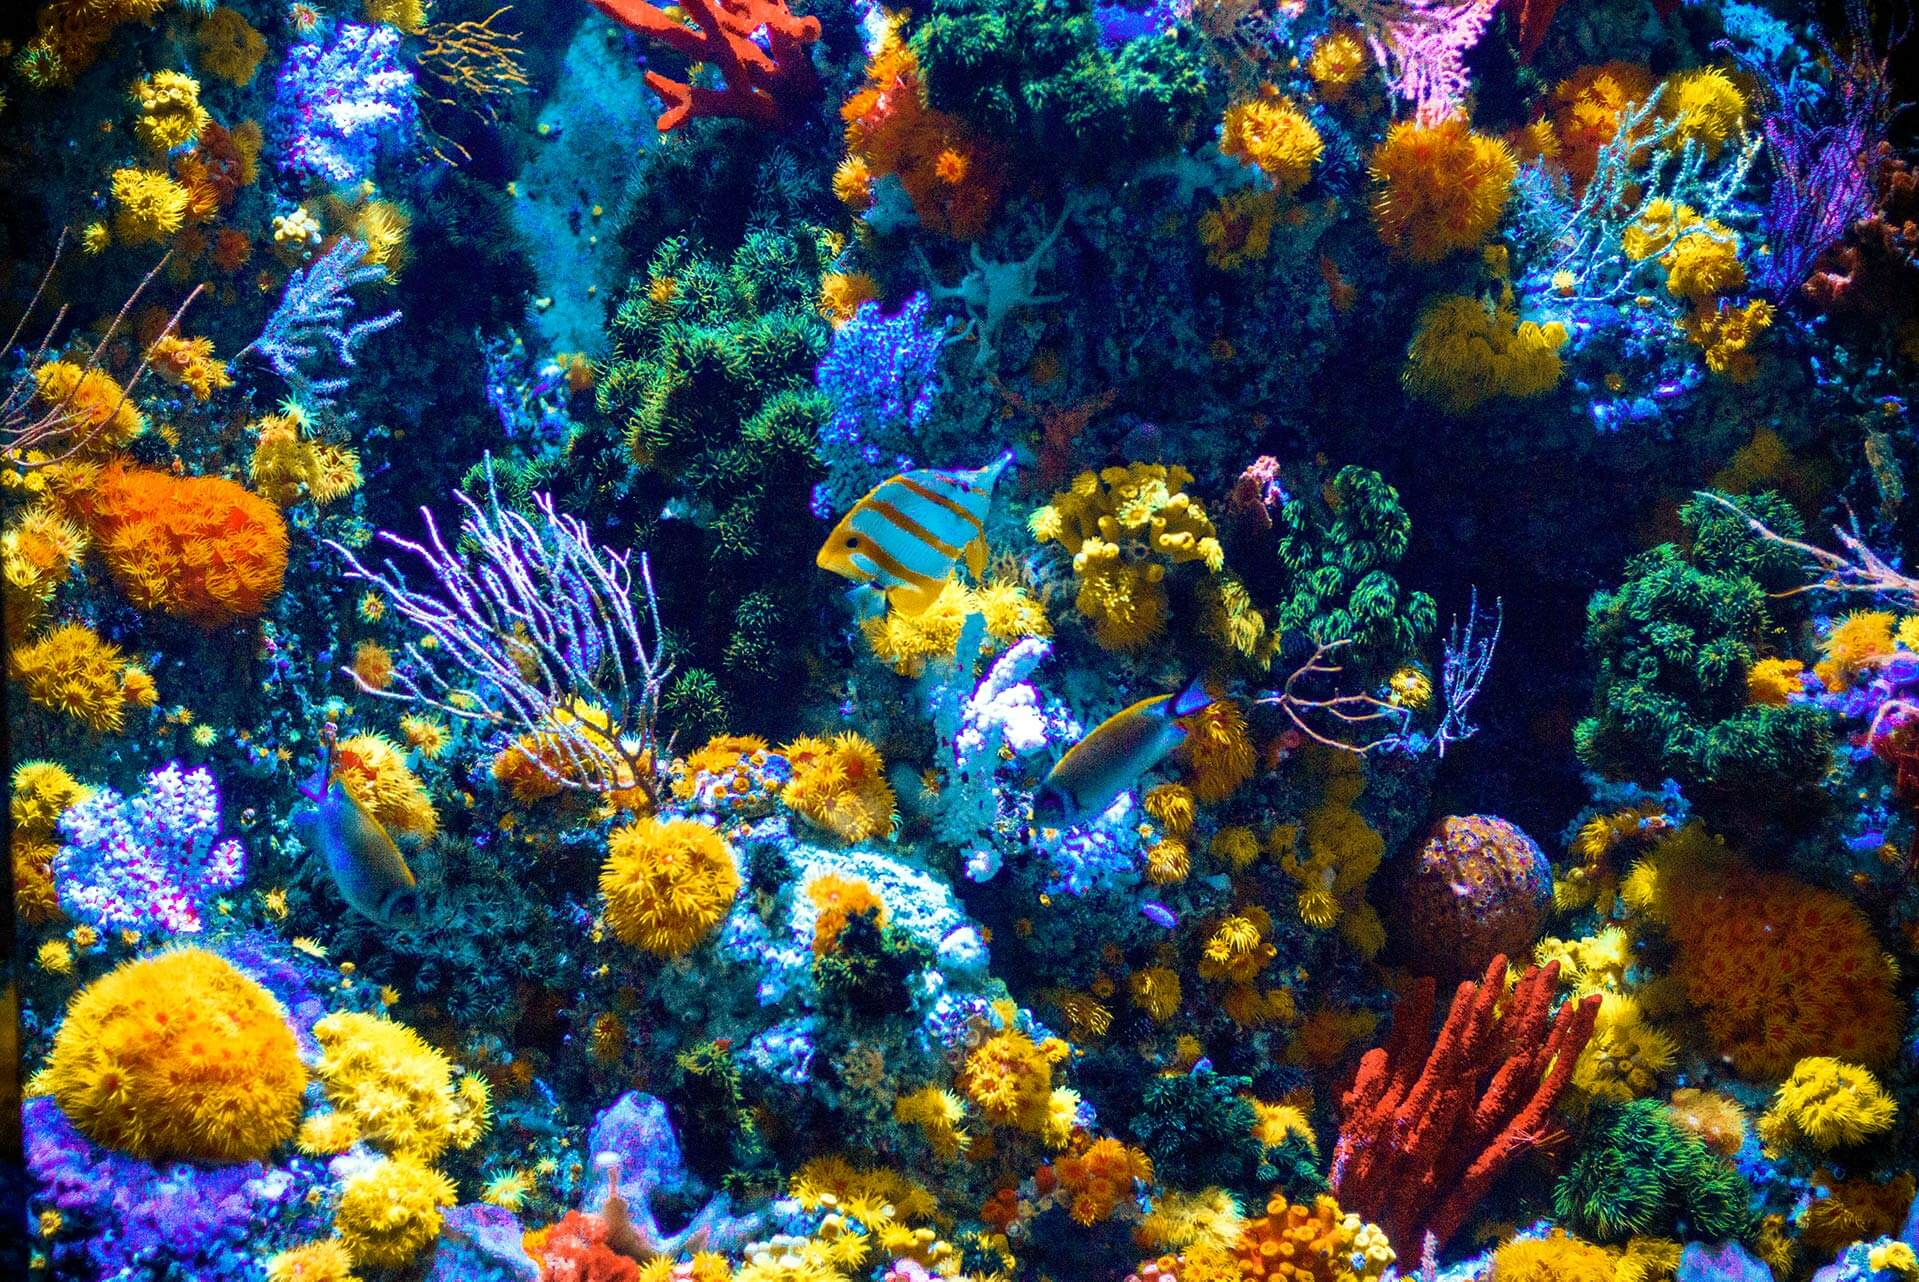 Najpiękniejsze rafy koralowe na świecie